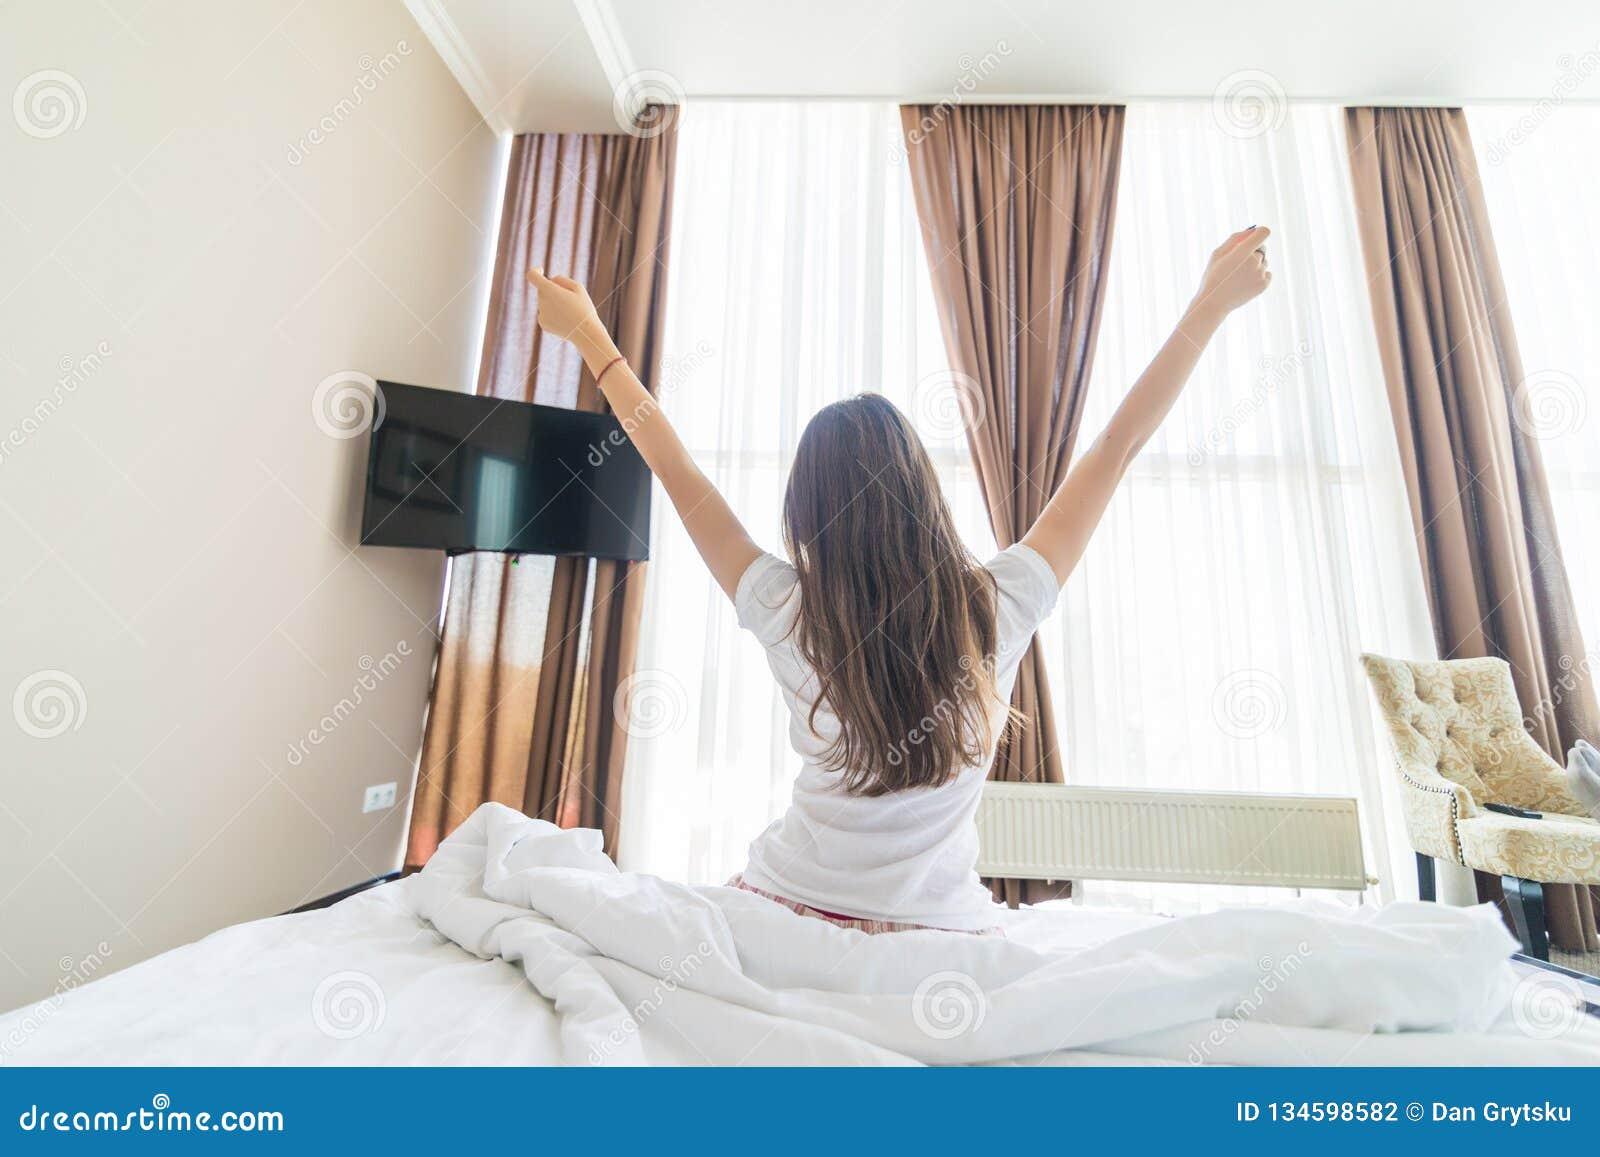 Achtermening van zich het jonge vrouw uitrekken in bed na kielzog omhoog in ochtend met zonlicht